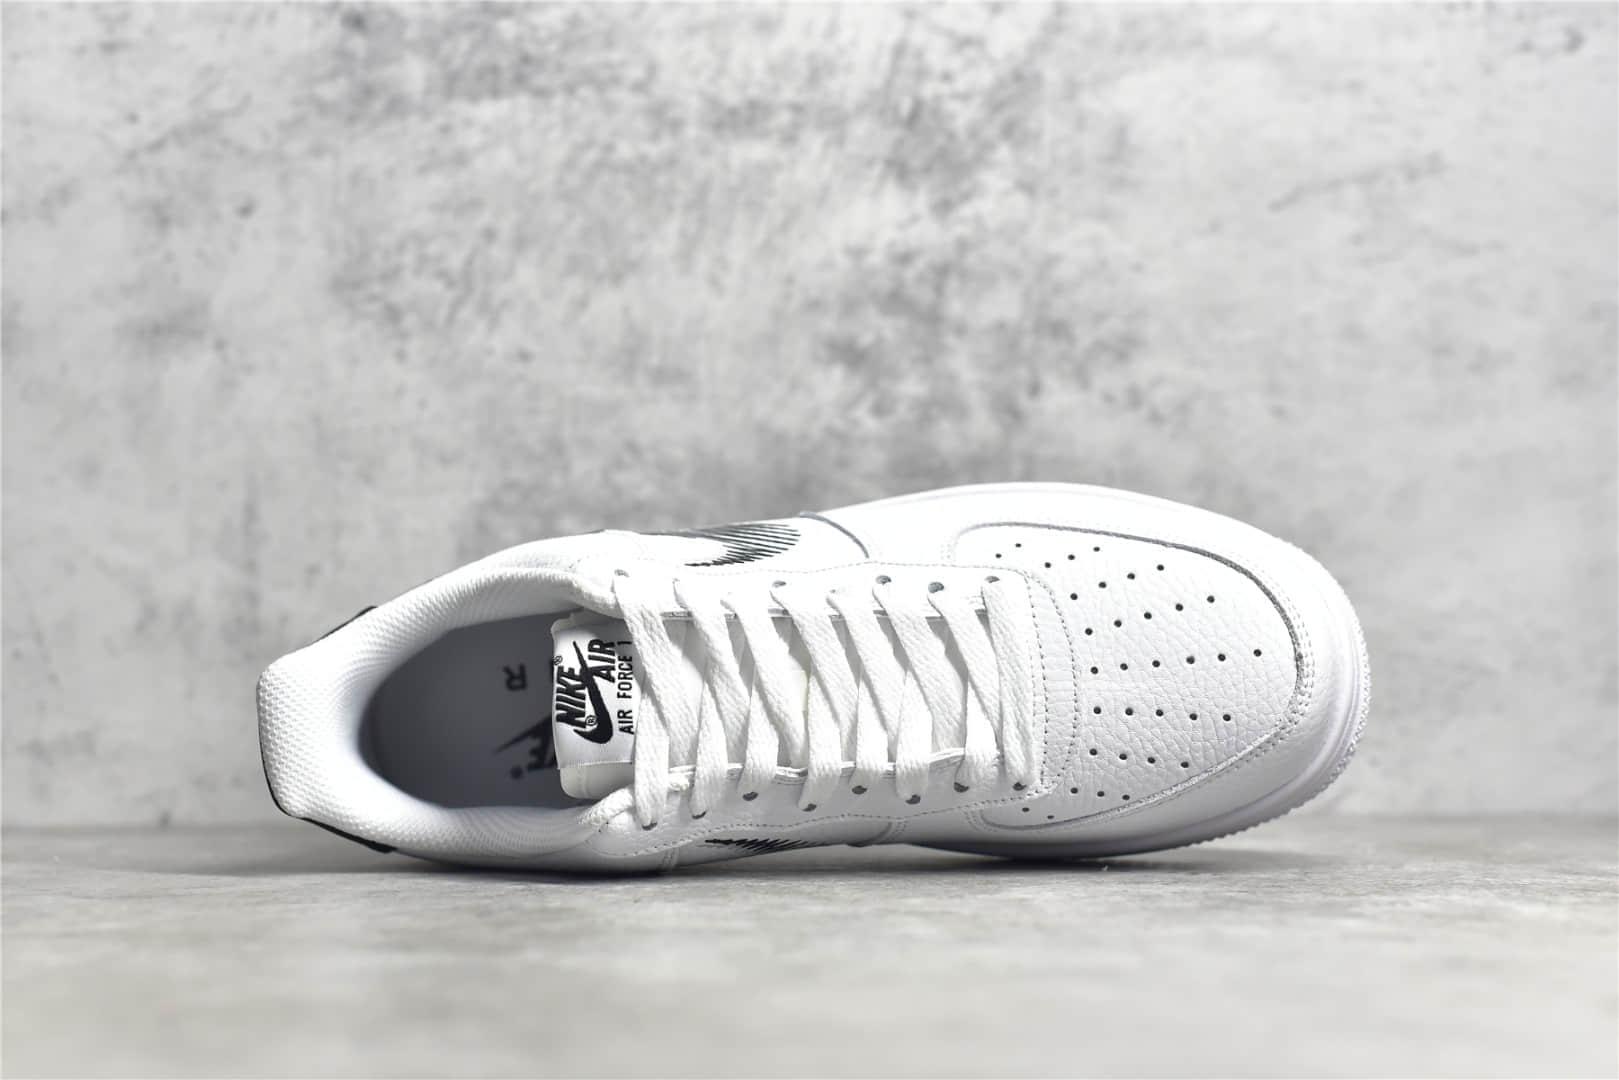 耐克空军白色低帮素描 Nike Air Force 1 Low 耐克空军荔枝皮进口头层皮质 耐克缓震板鞋 货号:DN4928-100-潮流者之家